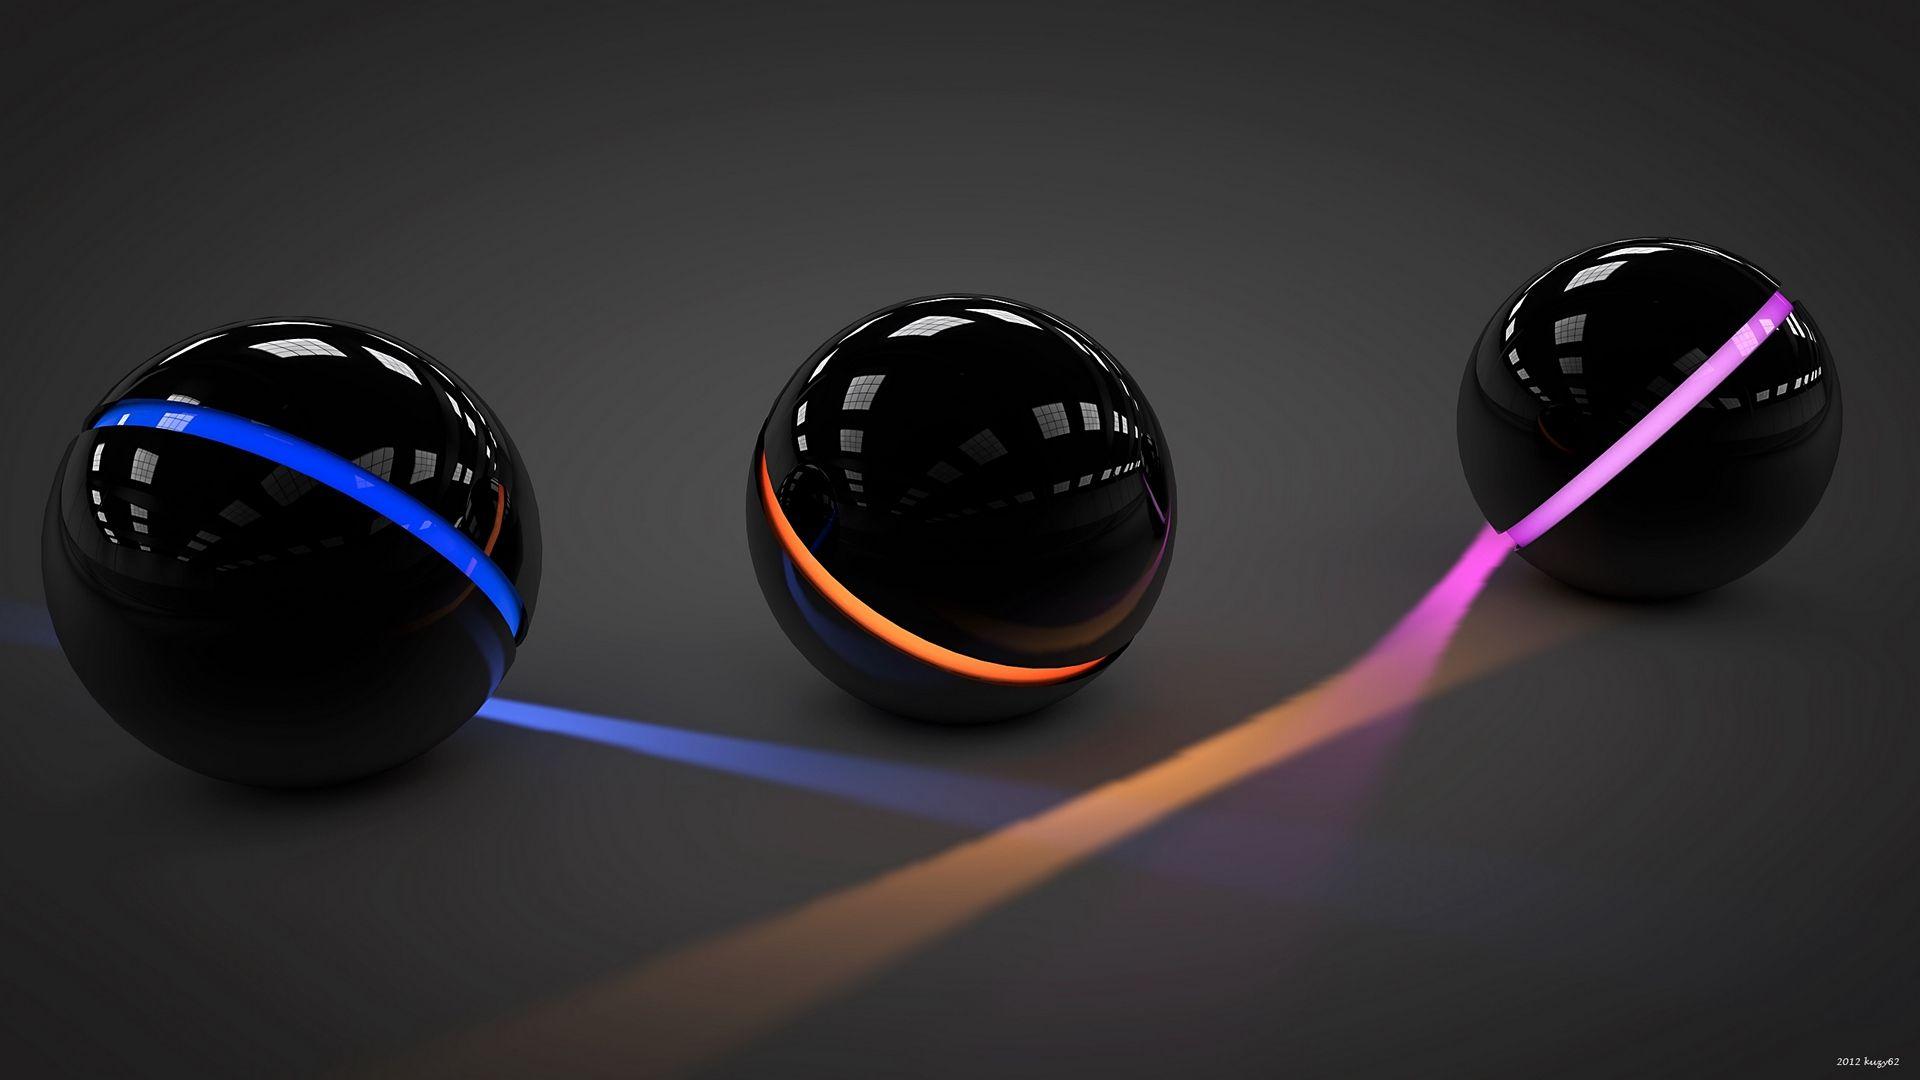 1920x1080 Wallpaper Balls Light Glass Neon Hd Desktop Ball